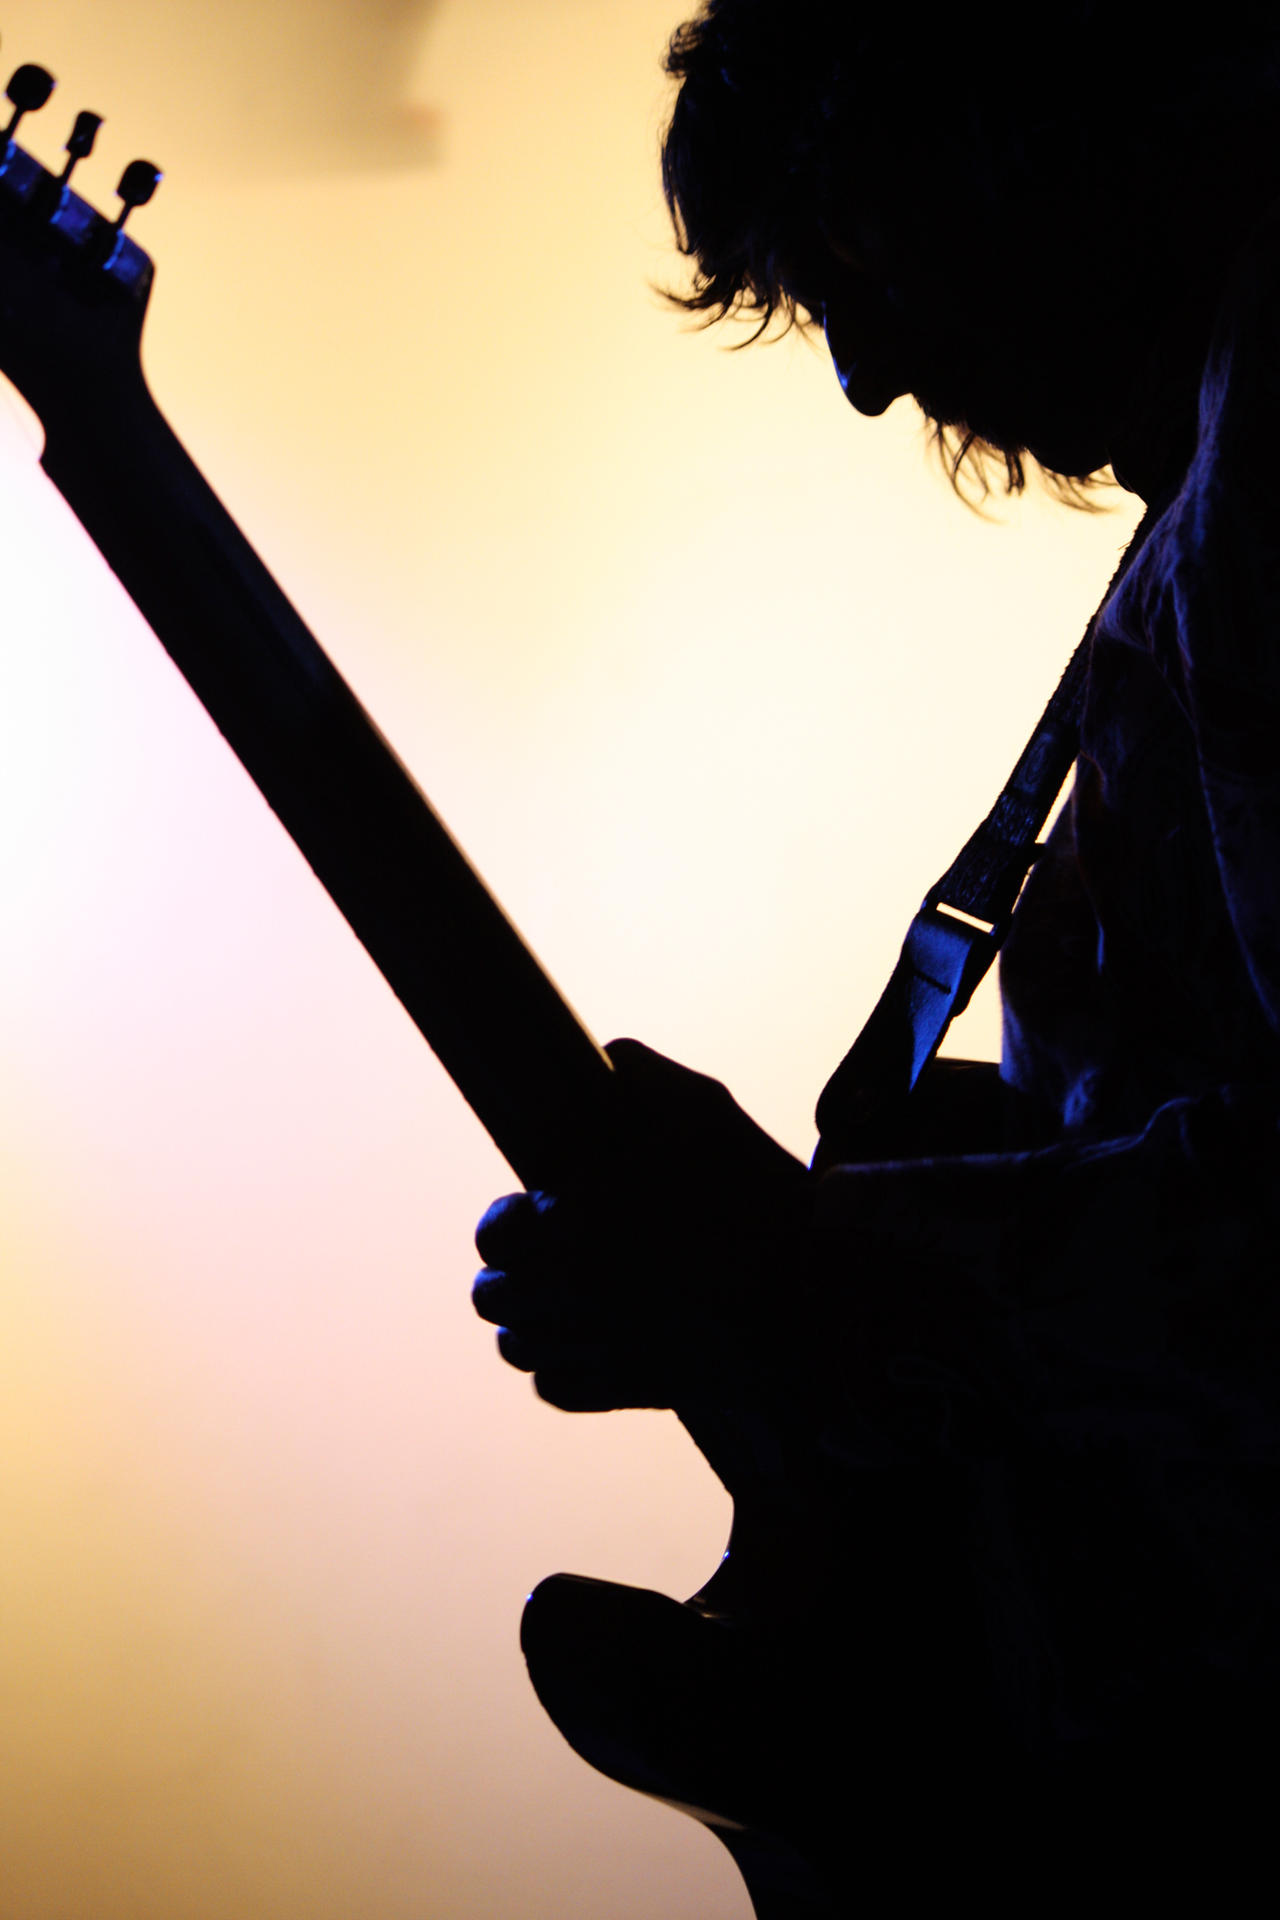 Guitarist Silhouette 1 by eden-daintree on DeviantArt